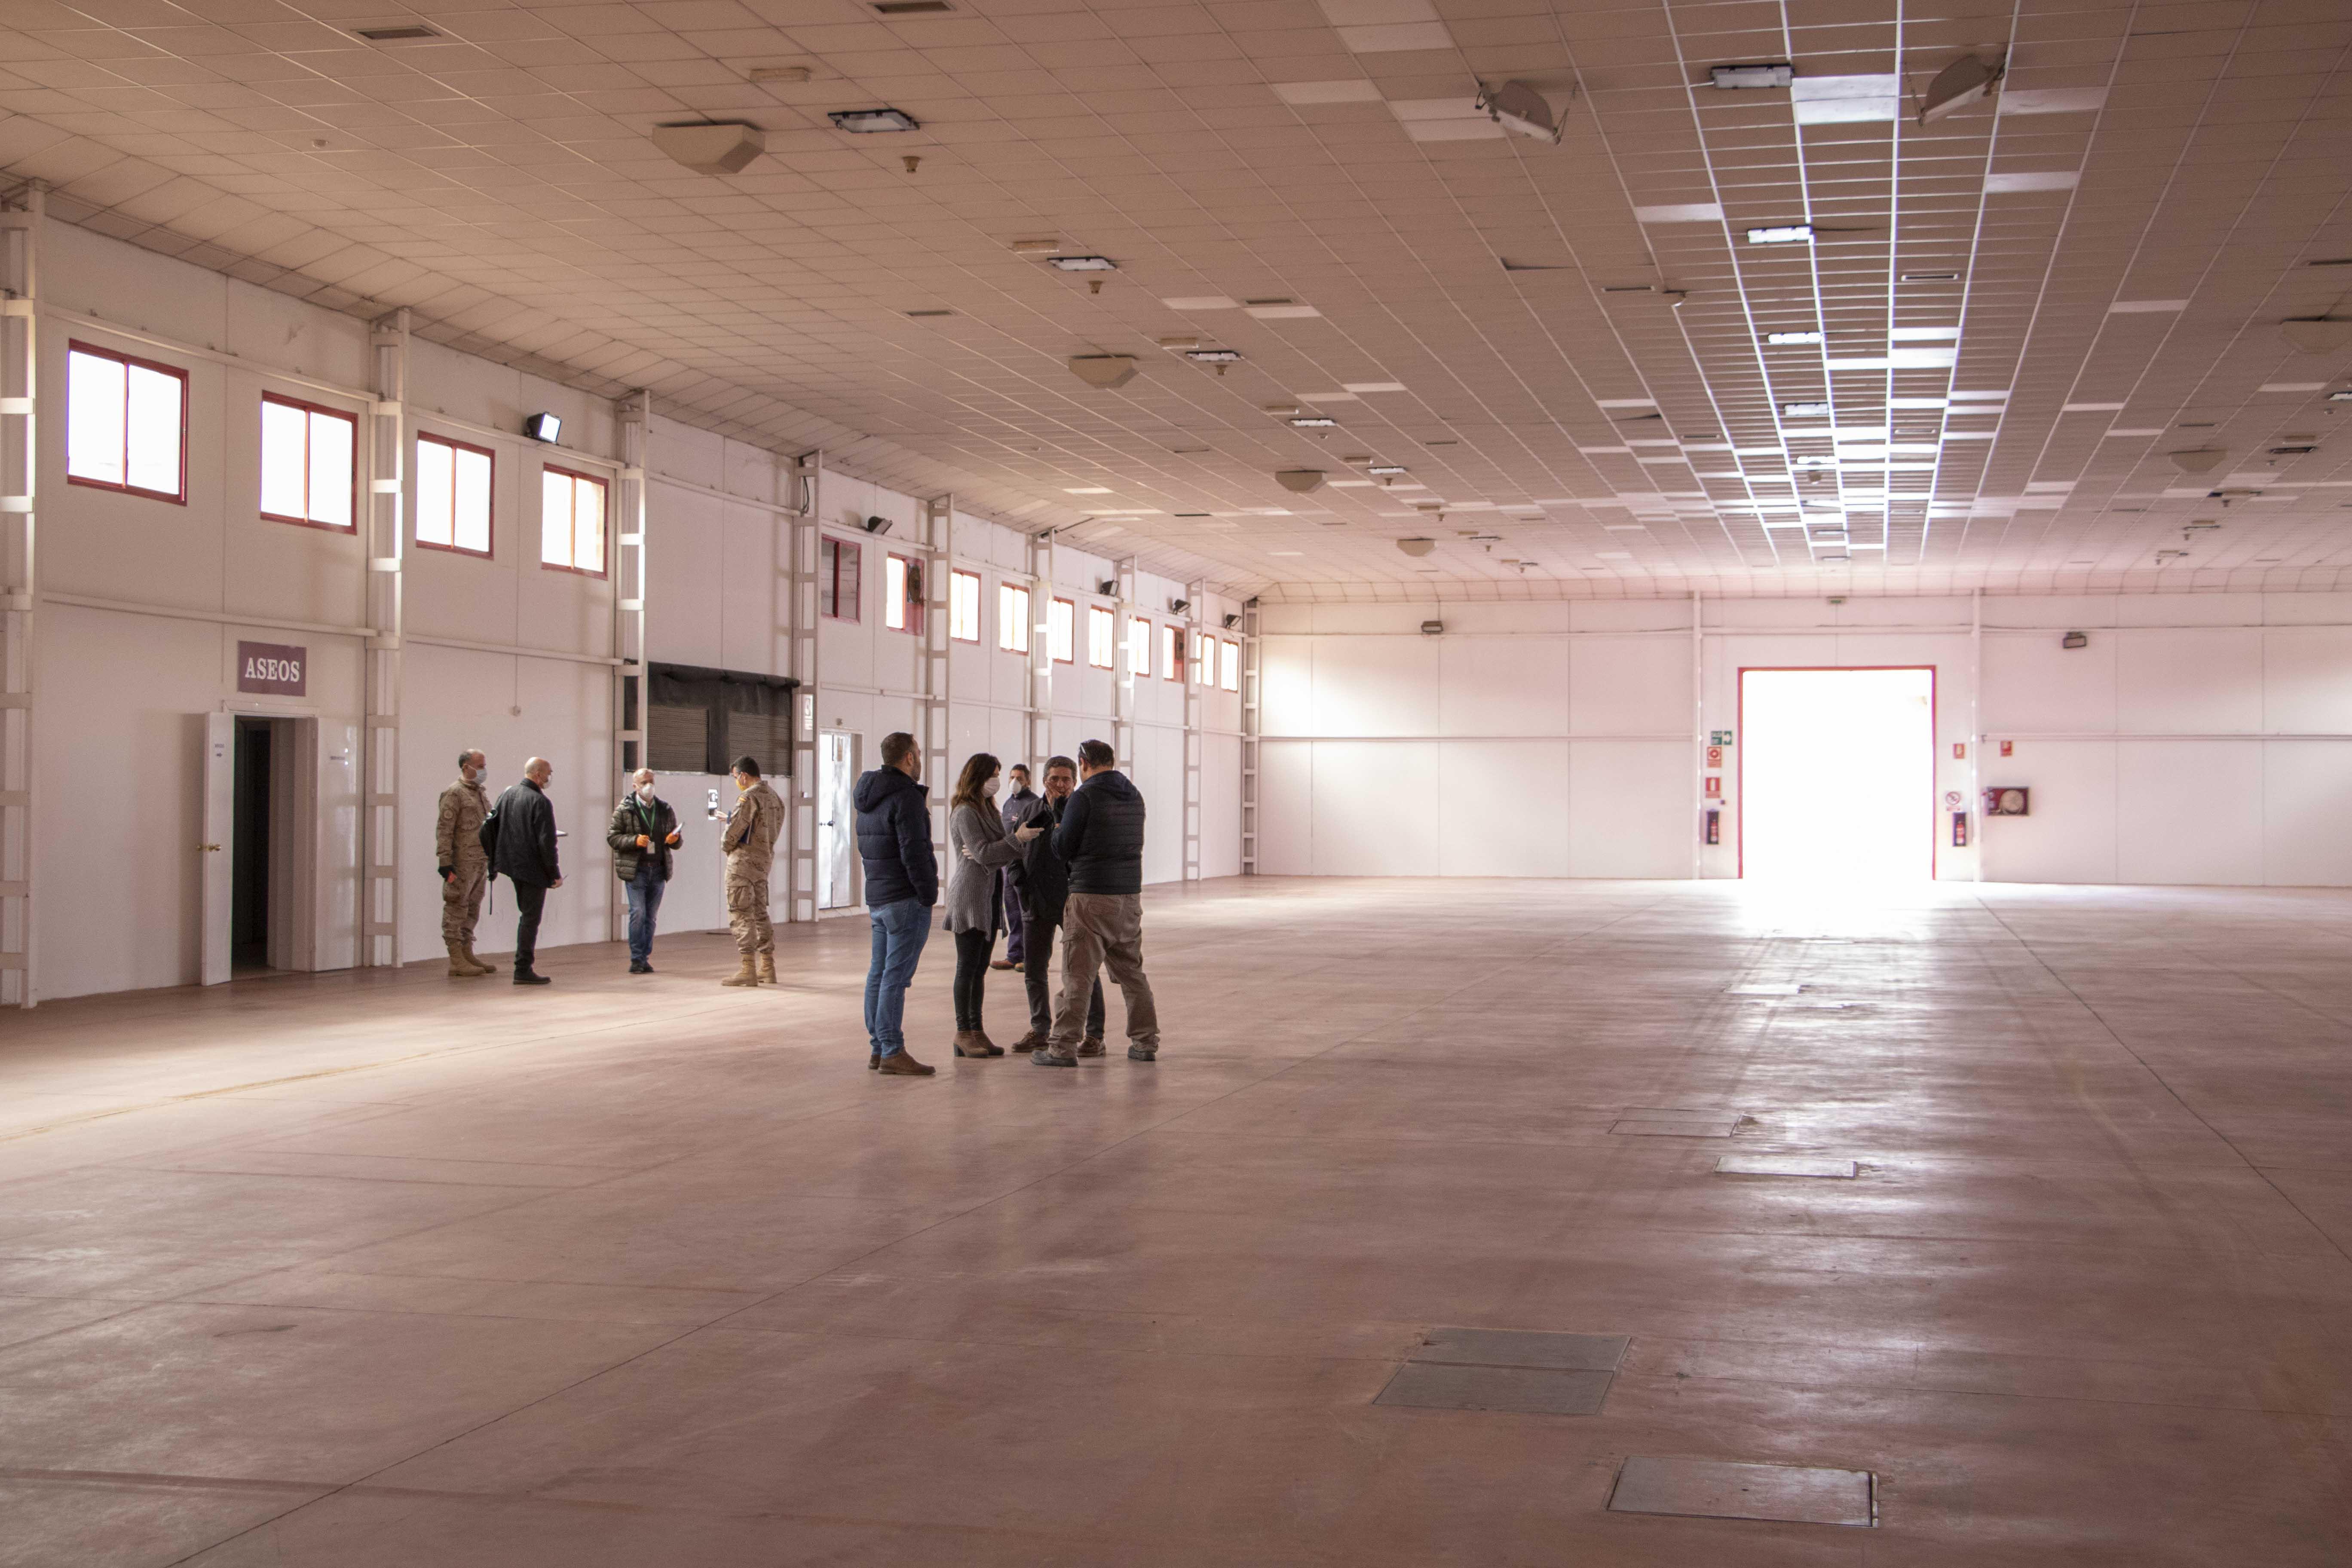 Fermasa acogerá un hospital de campaña en los próximos días